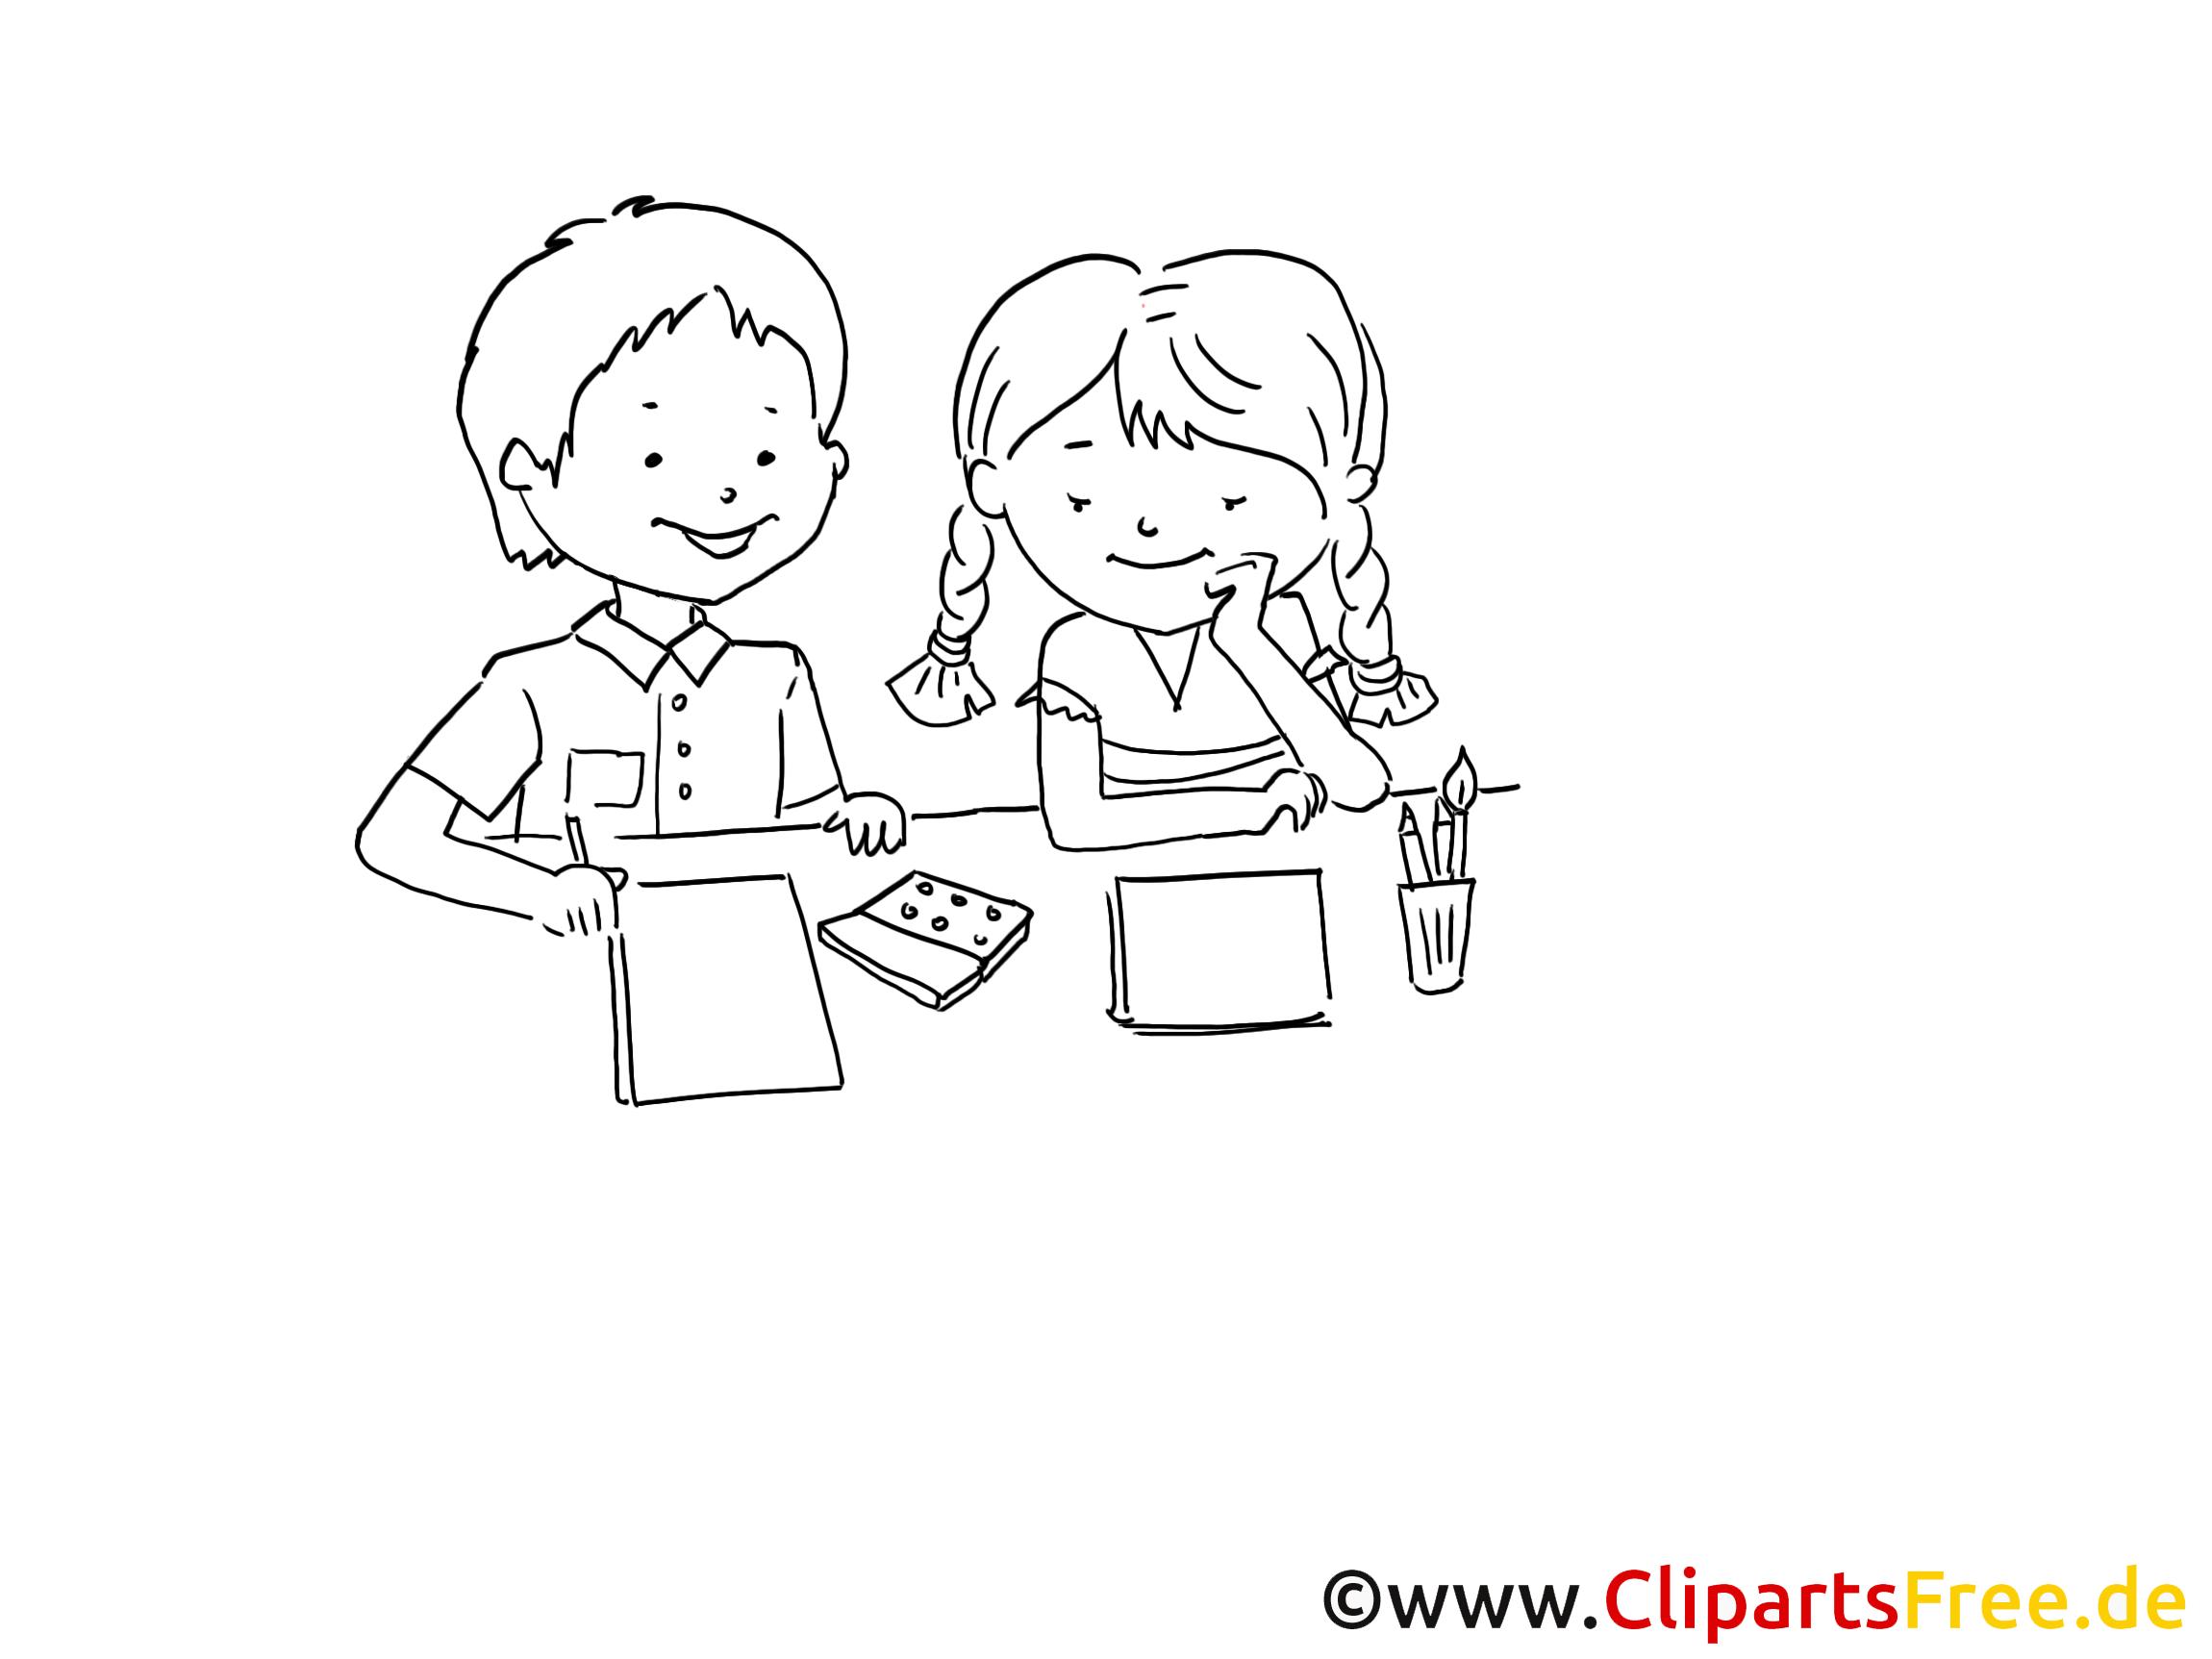 clipart schule kindergarten - photo #43